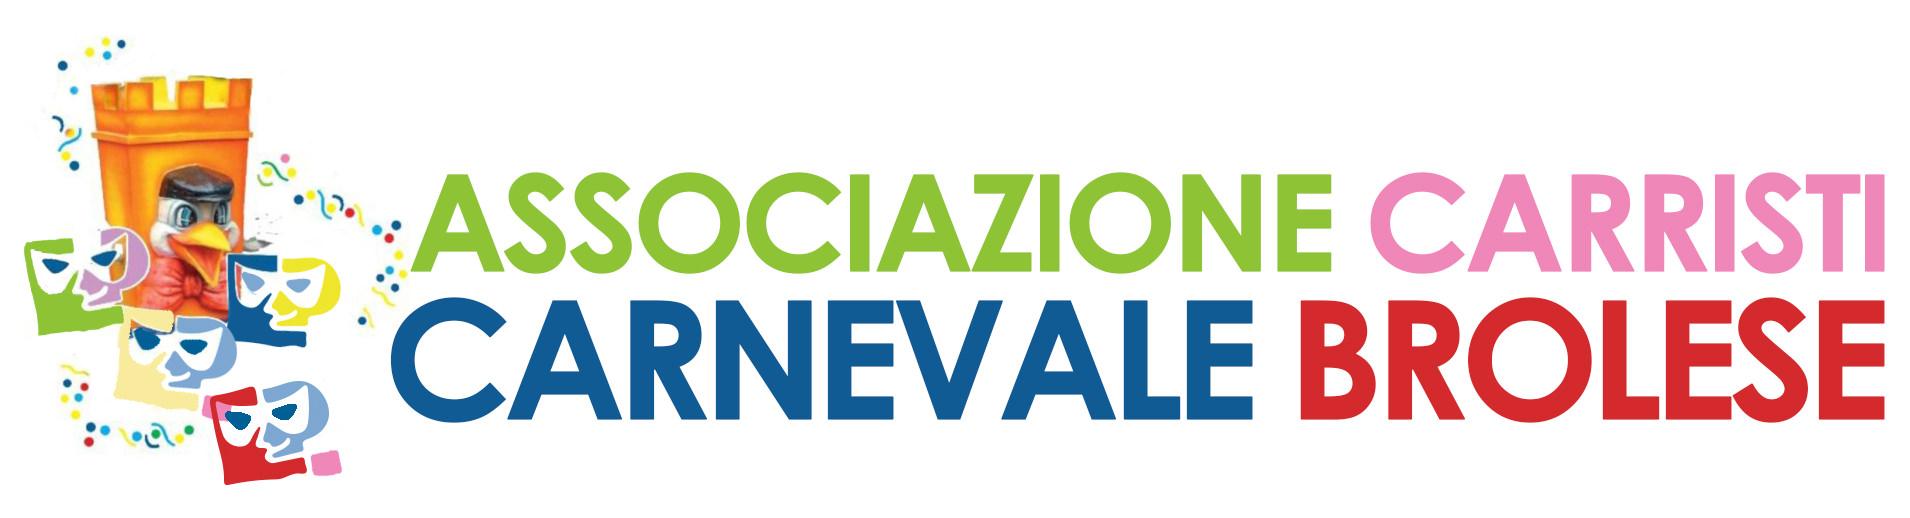 Associazione Carristi Carnevale Brolese